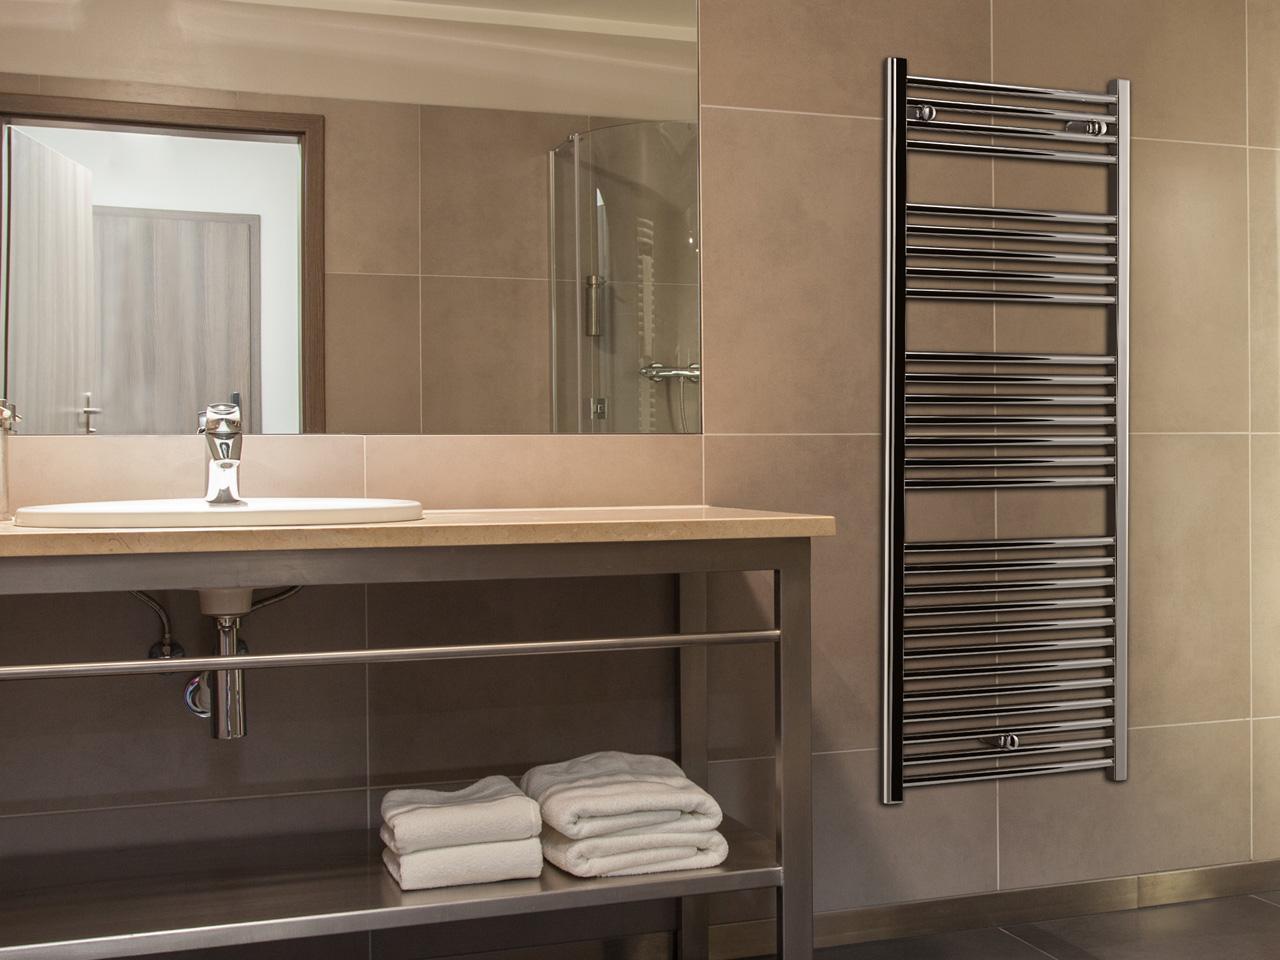 Come riscaldare il bagno senza rinunciare al design - Riscaldare il bagno ...